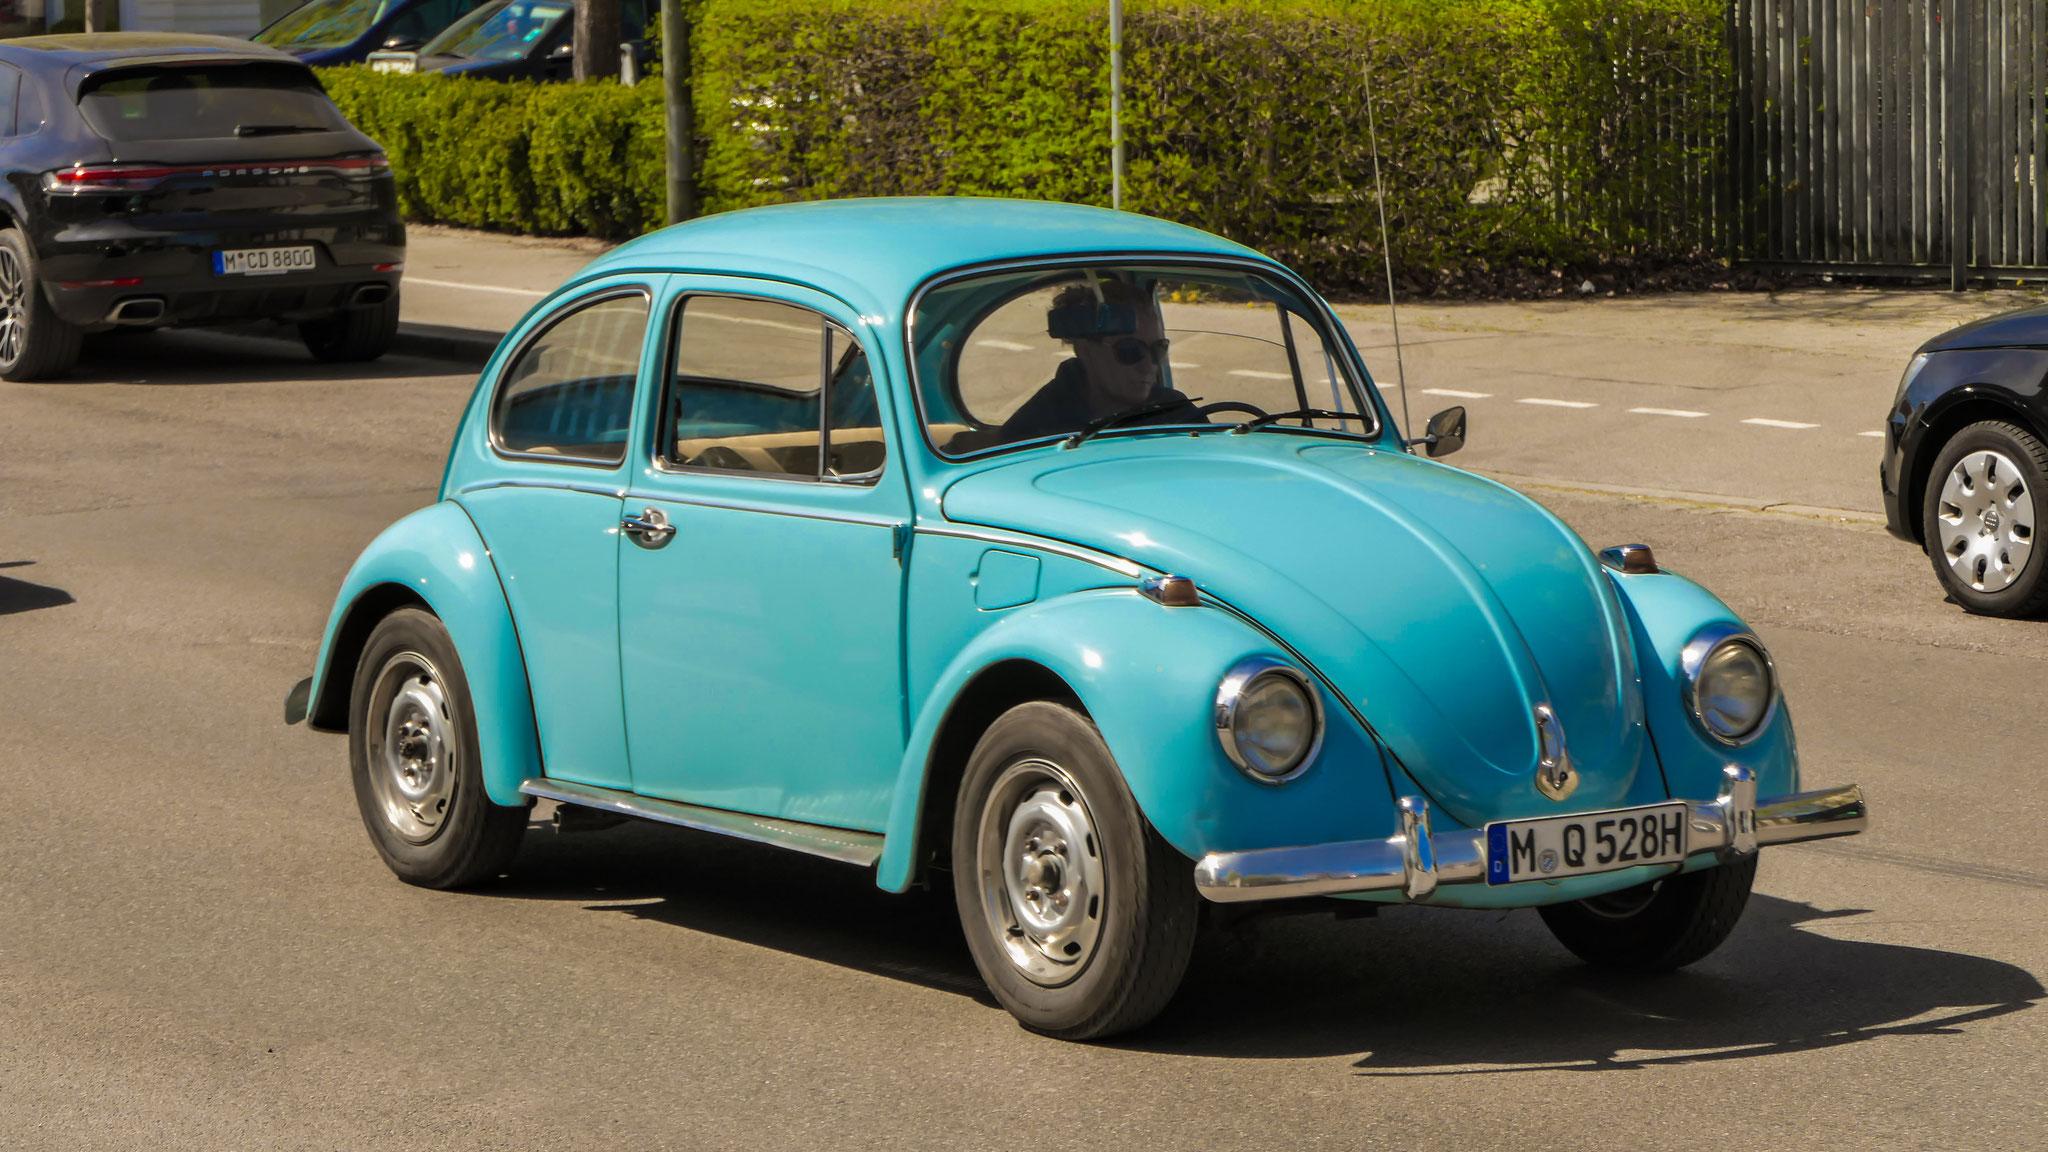 VW Käfer - M-Q-528H